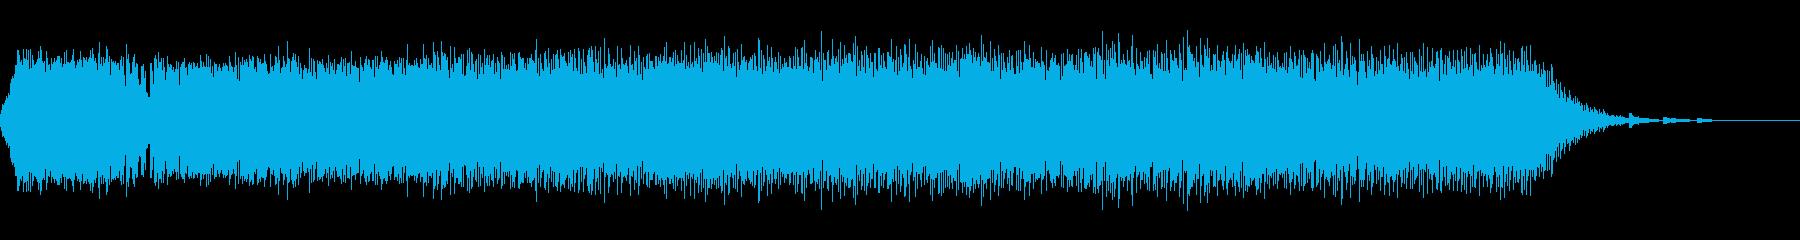 ジングルベルのダンスミュージックアレンジの再生済みの波形